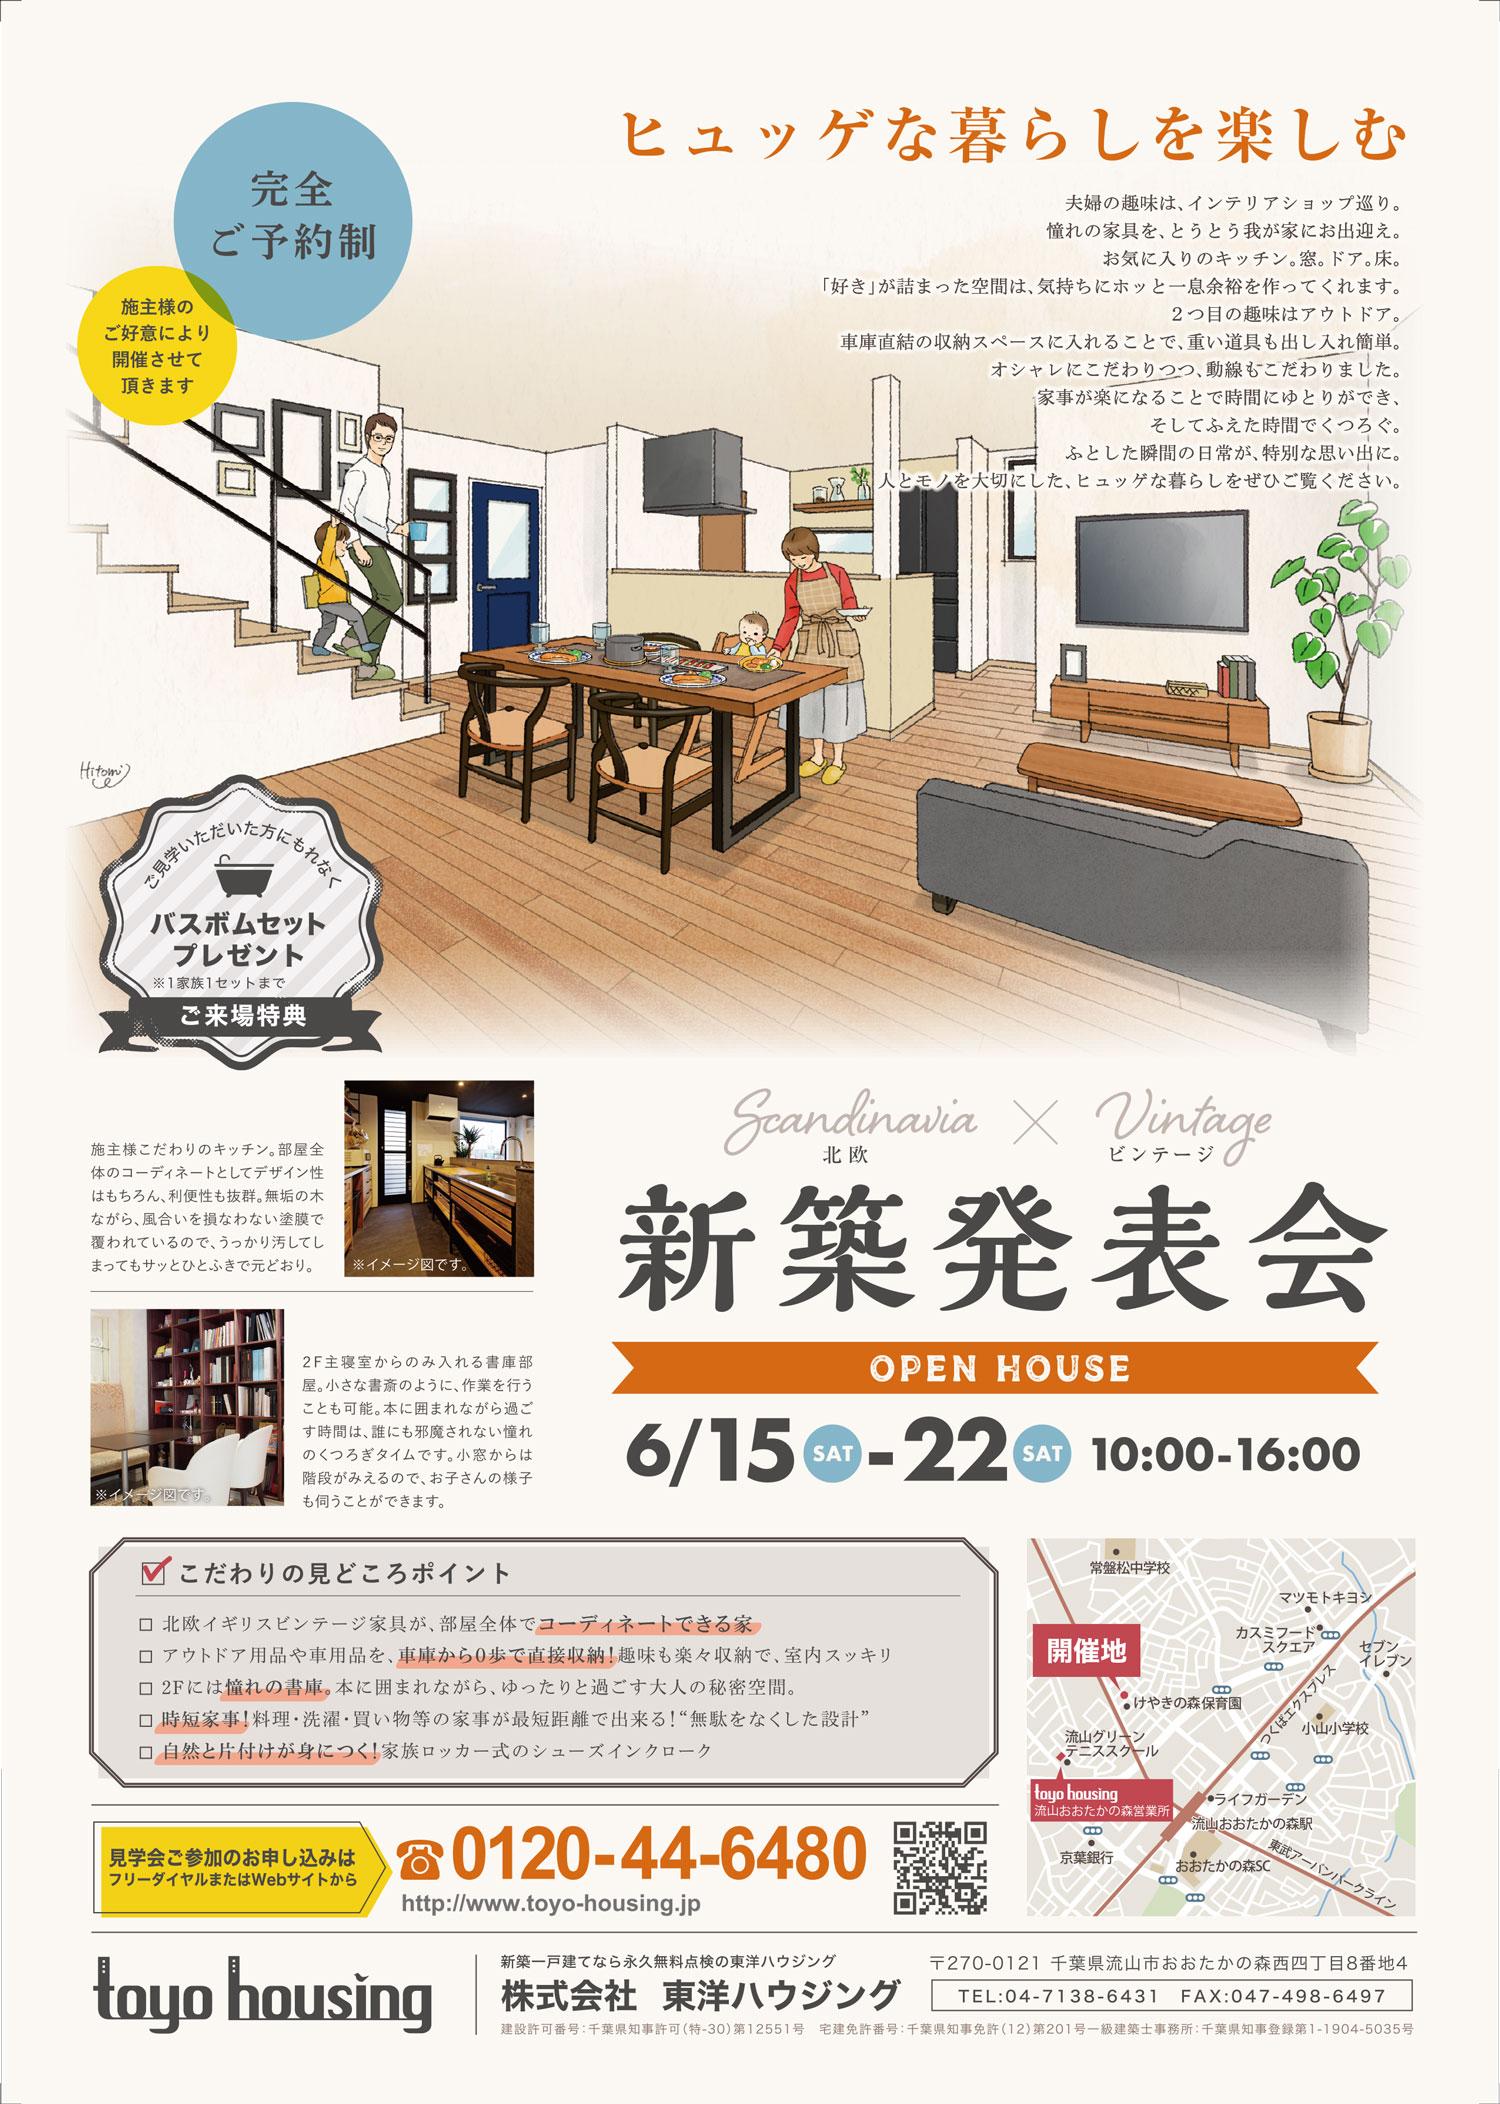 流山市 【OPEN HOUSE】ヒュッゲな暮らしを楽しむ ◆ 北欧 × ビンテージ 新築発表会